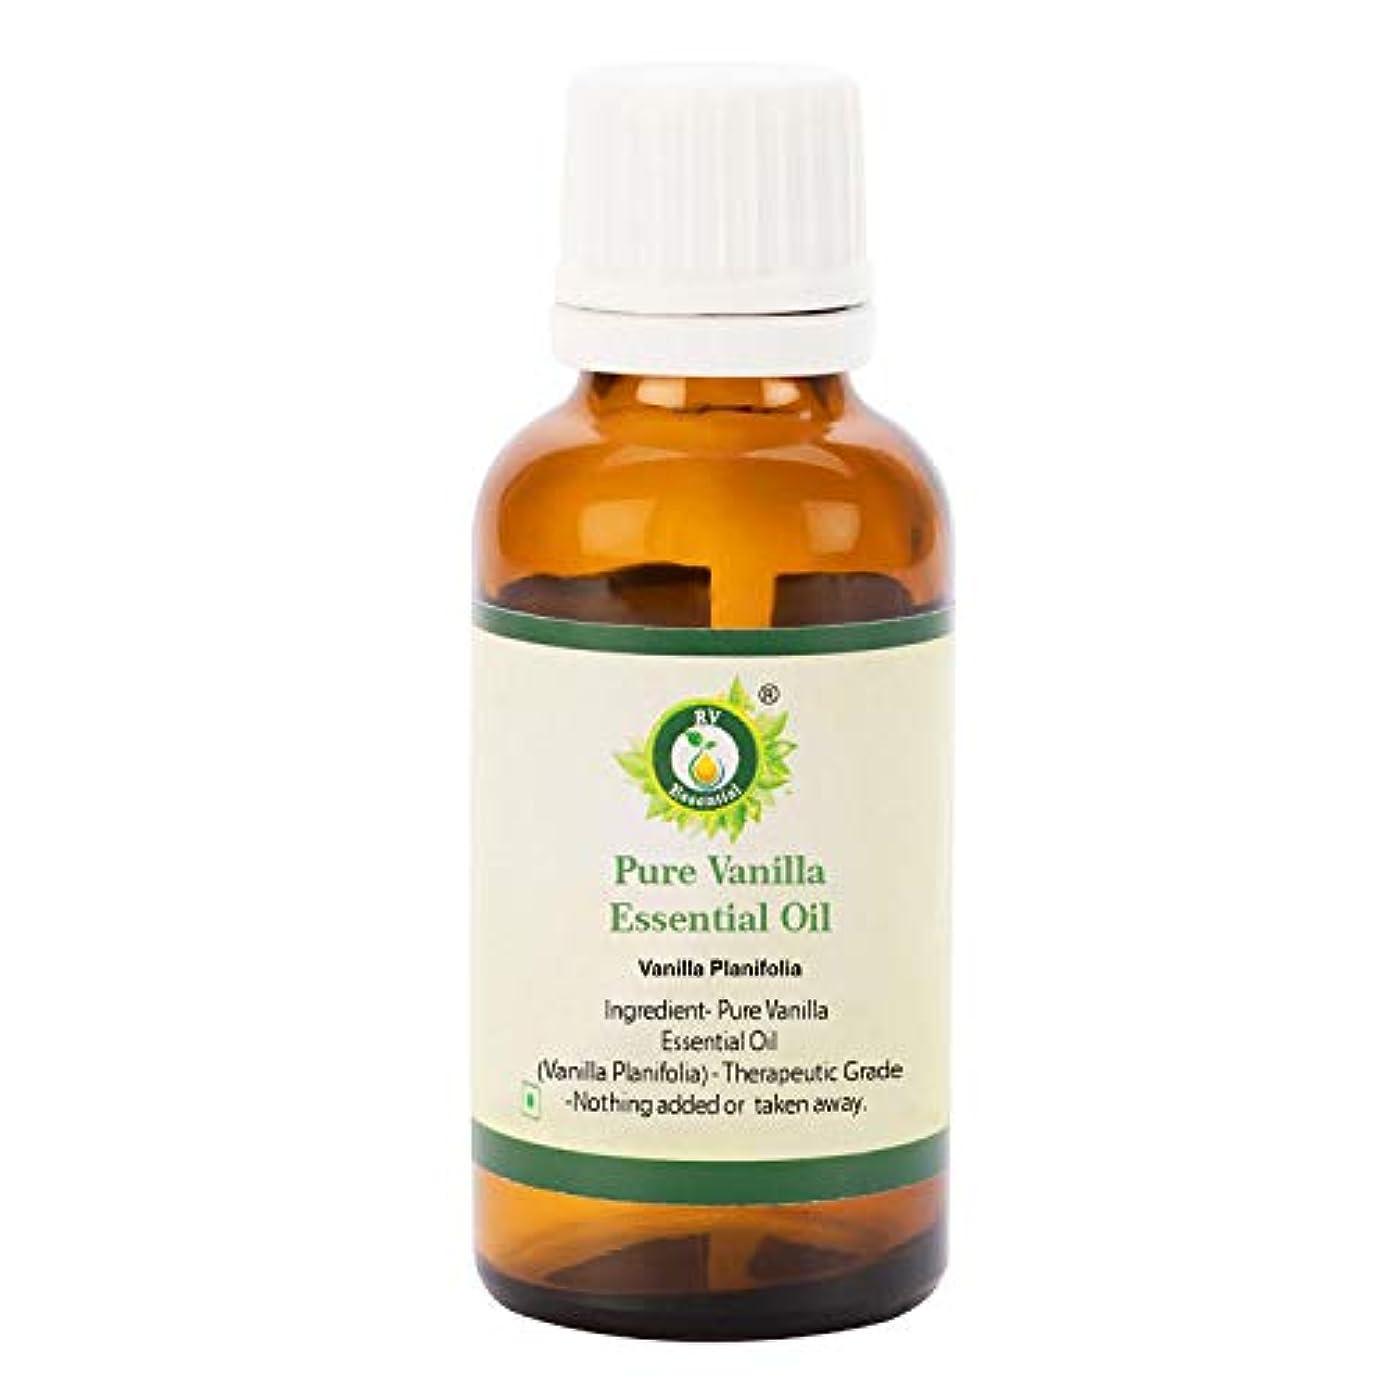 自分のためにミトンマイルドR V Essential ピュアバニラエッセンシャルオイル10ml (0.338oz)- Vanilla Planifolia (100%純粋&天然) Pure Vanilla Essential Oil